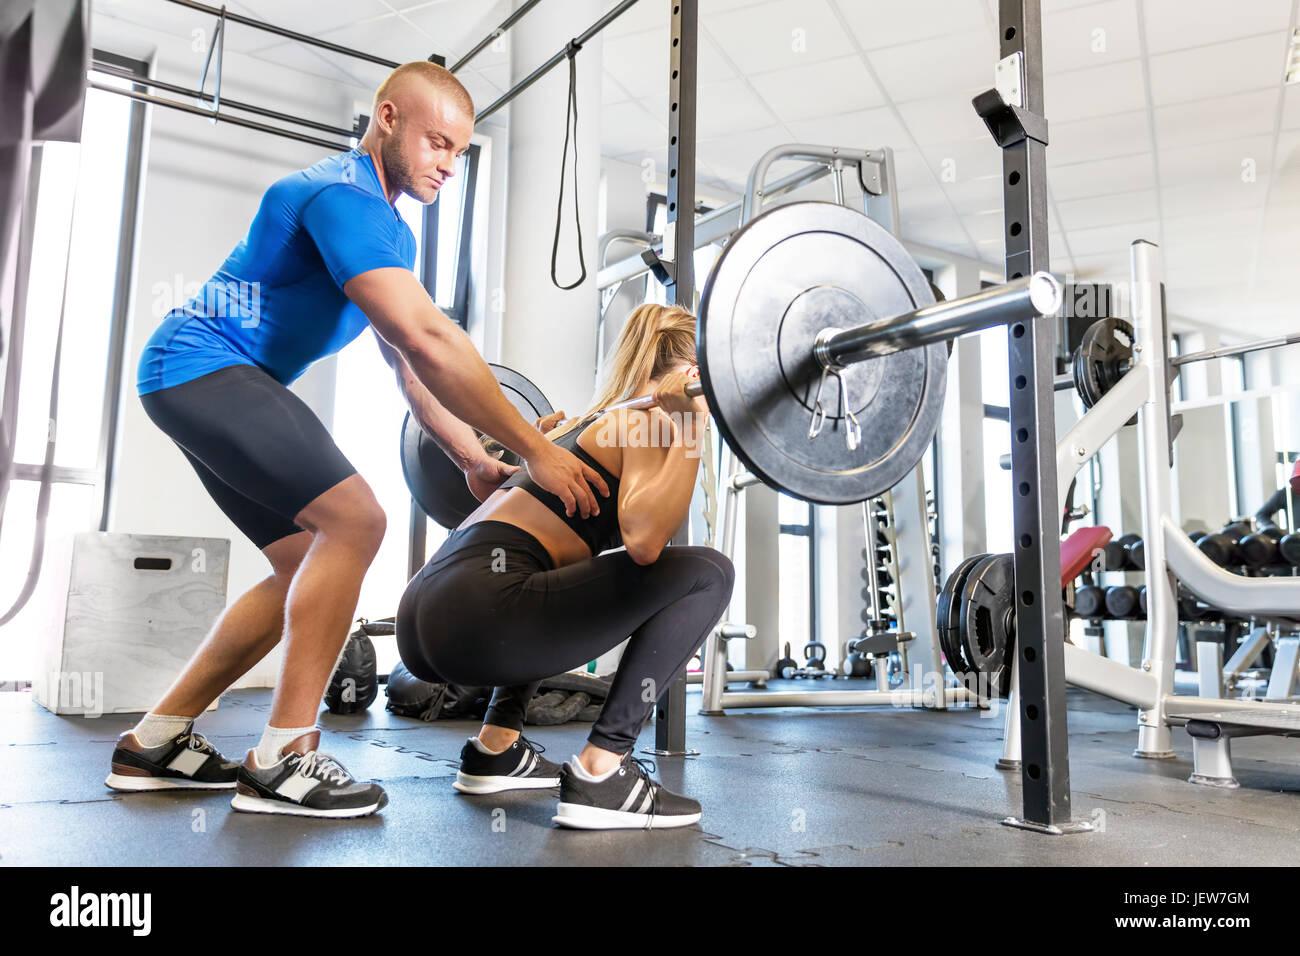 Entrenador personal trabajando con un cliente en el gimnasio. La Halterofilia workout asistencia y motivación. Concepto de deporte. Foto de stock